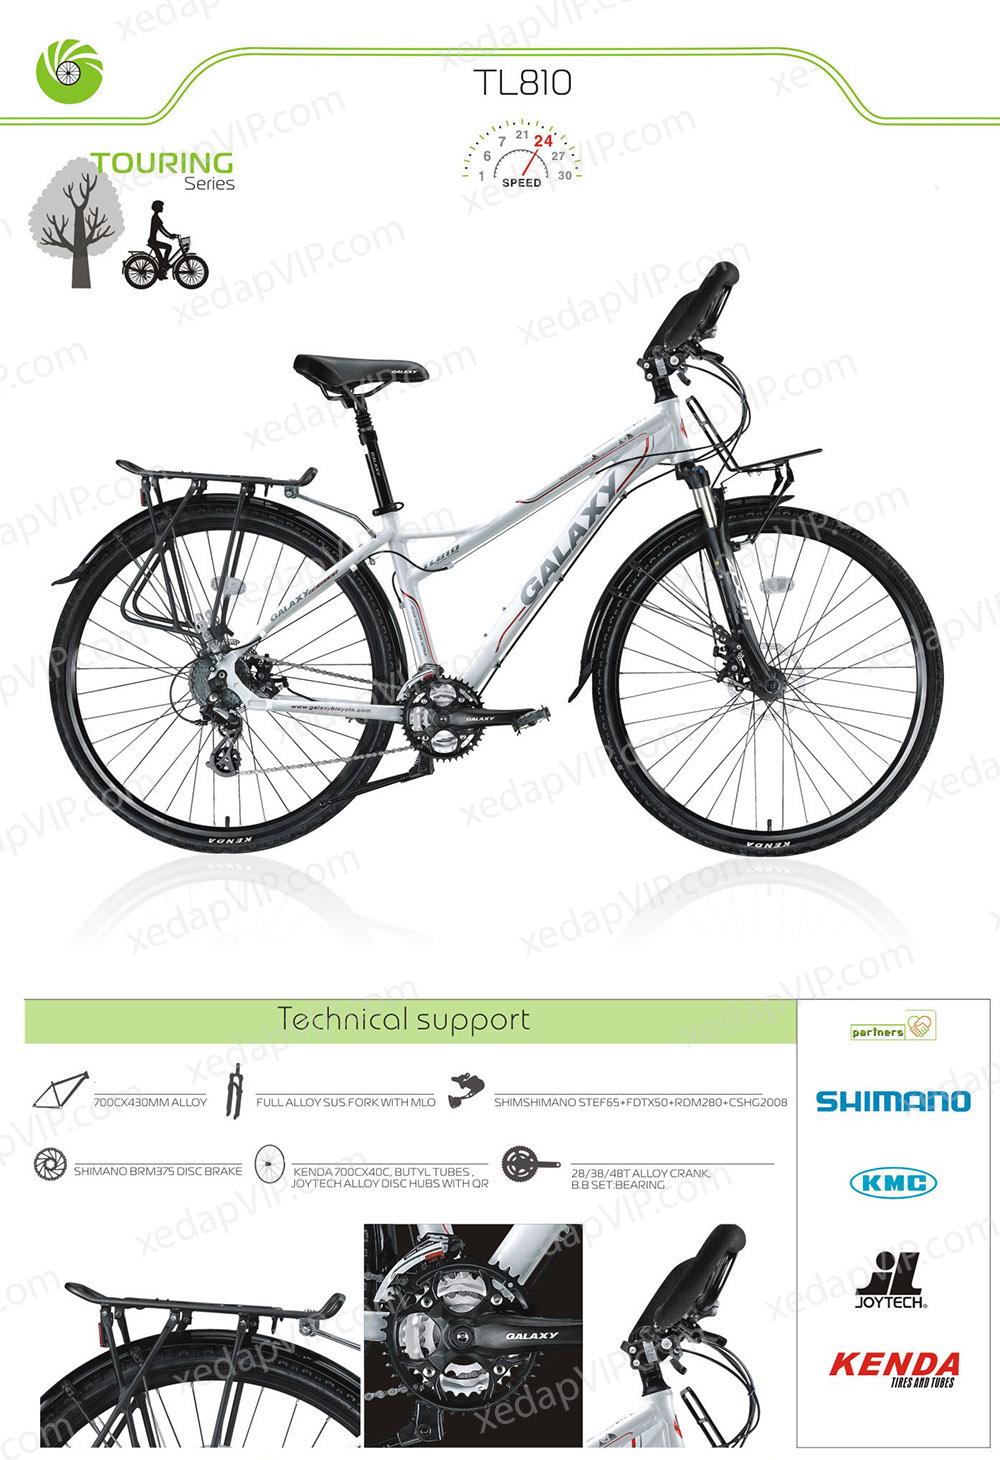 Xe dap the thao nu GALAXY TL810, xe dap the thao, xe dap trinx, xe đạp thể thao chính hãng, xe dap asama, tl810